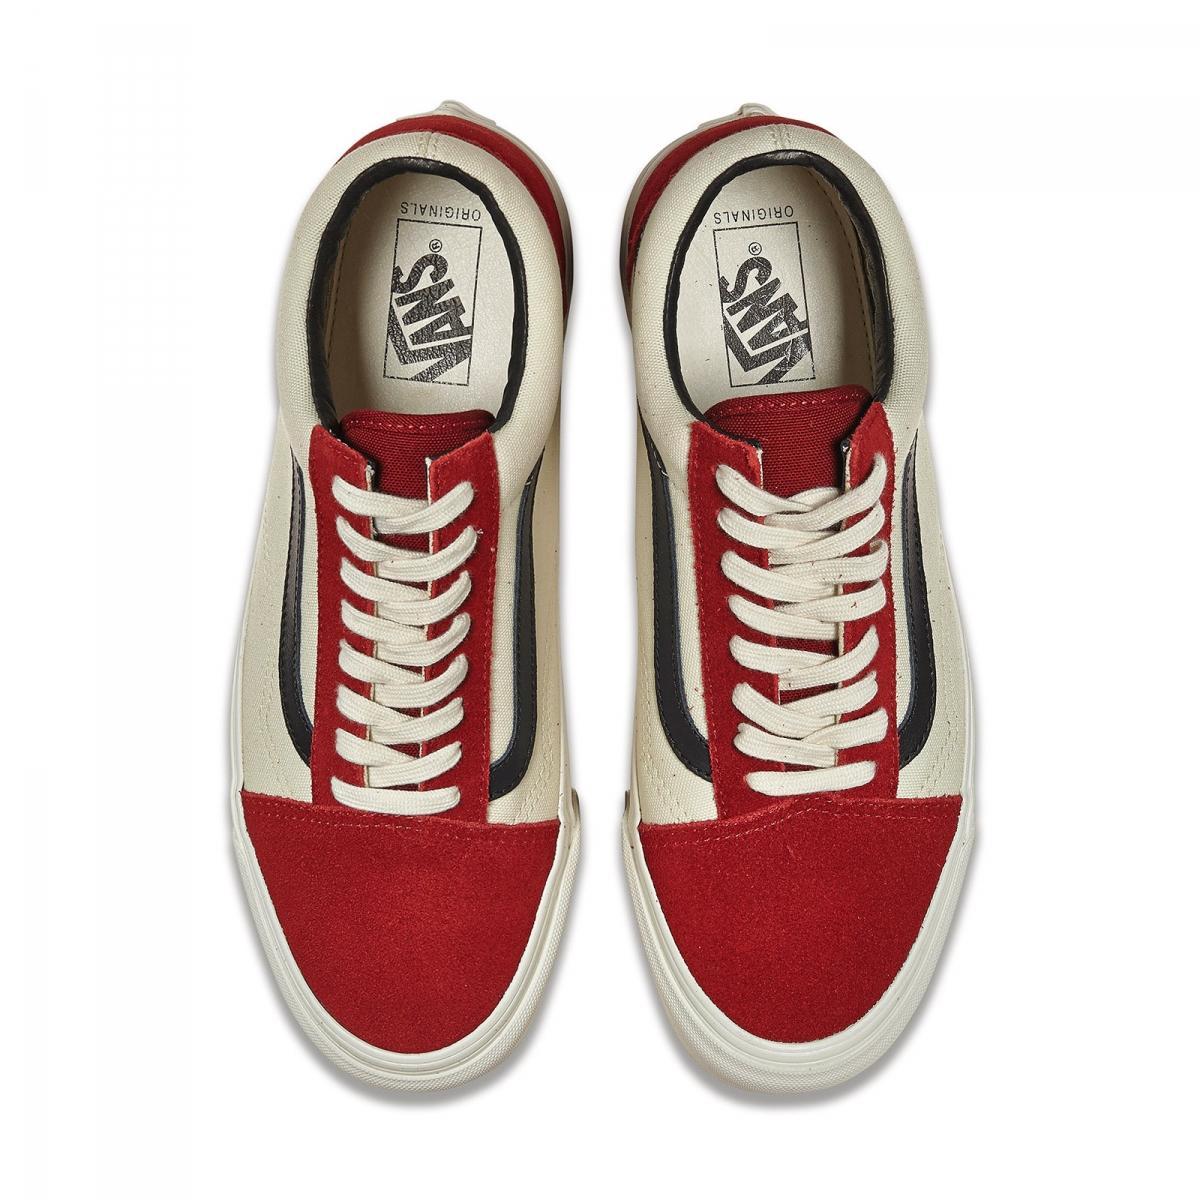 Vans Sneakers Men Lyst In Skool Red Lx Old Og For vwwfqSxg